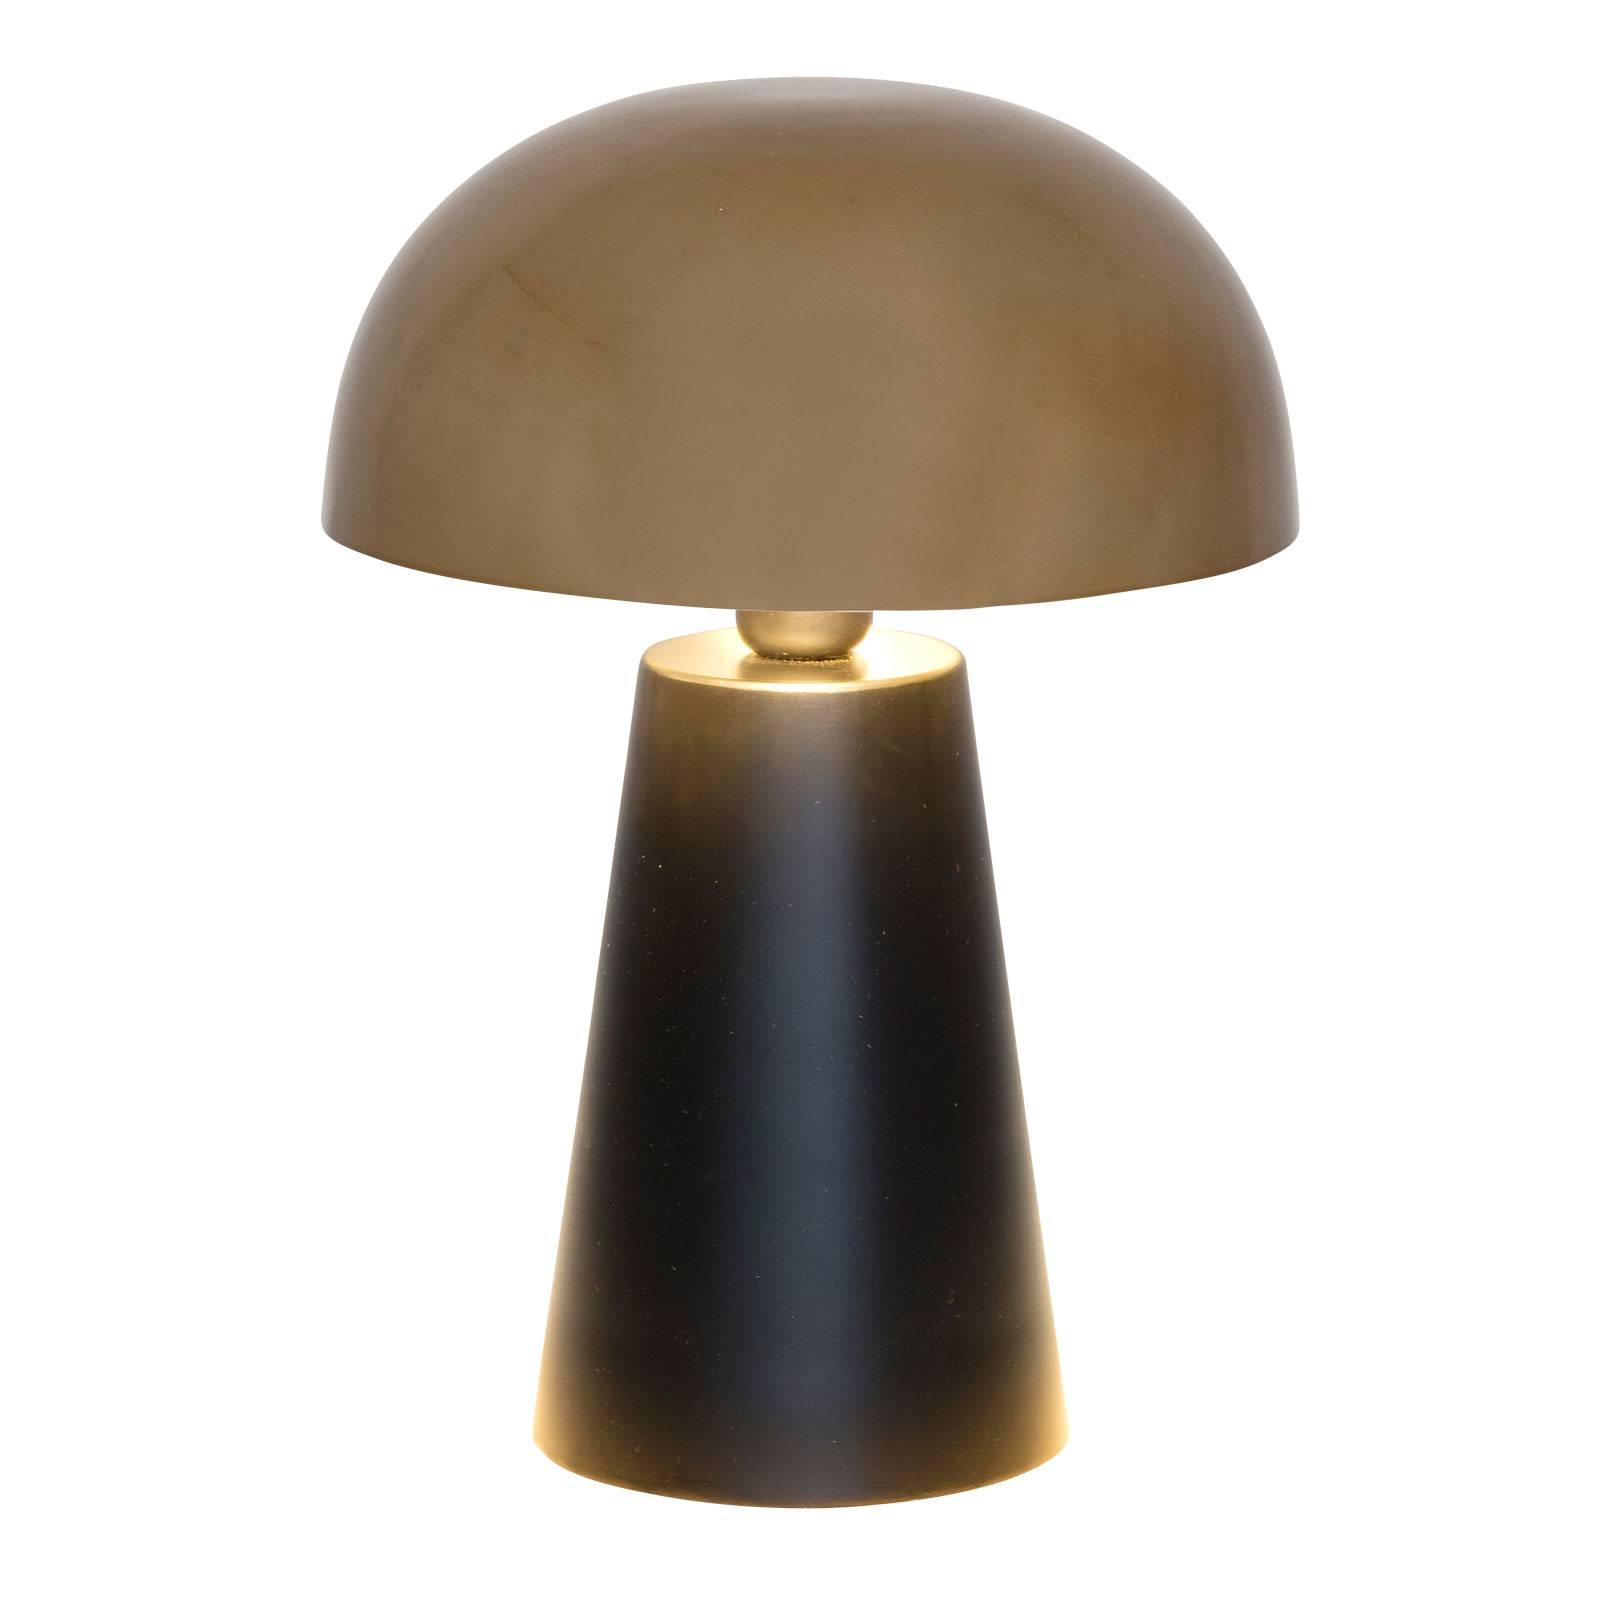 Pöytävalaisin Fungo, tyylikäs muotoilu musta/kulta